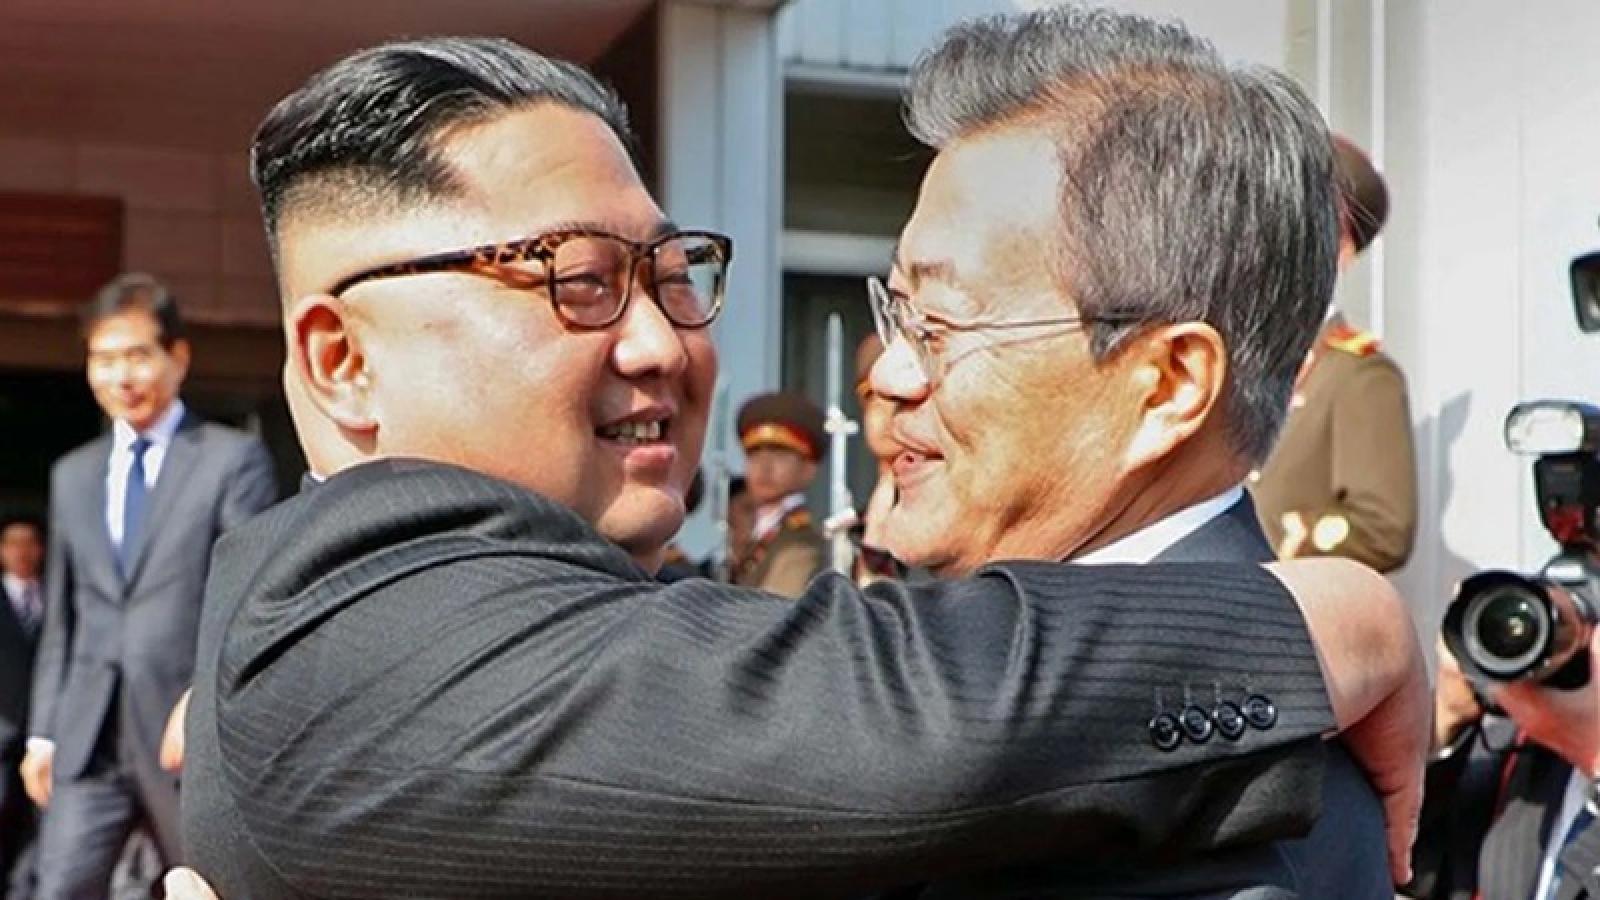 Tiết lộ nội dung thư trao đổi của 2 nhà lãnh đạo Hàn Quốc và Triều Tiên